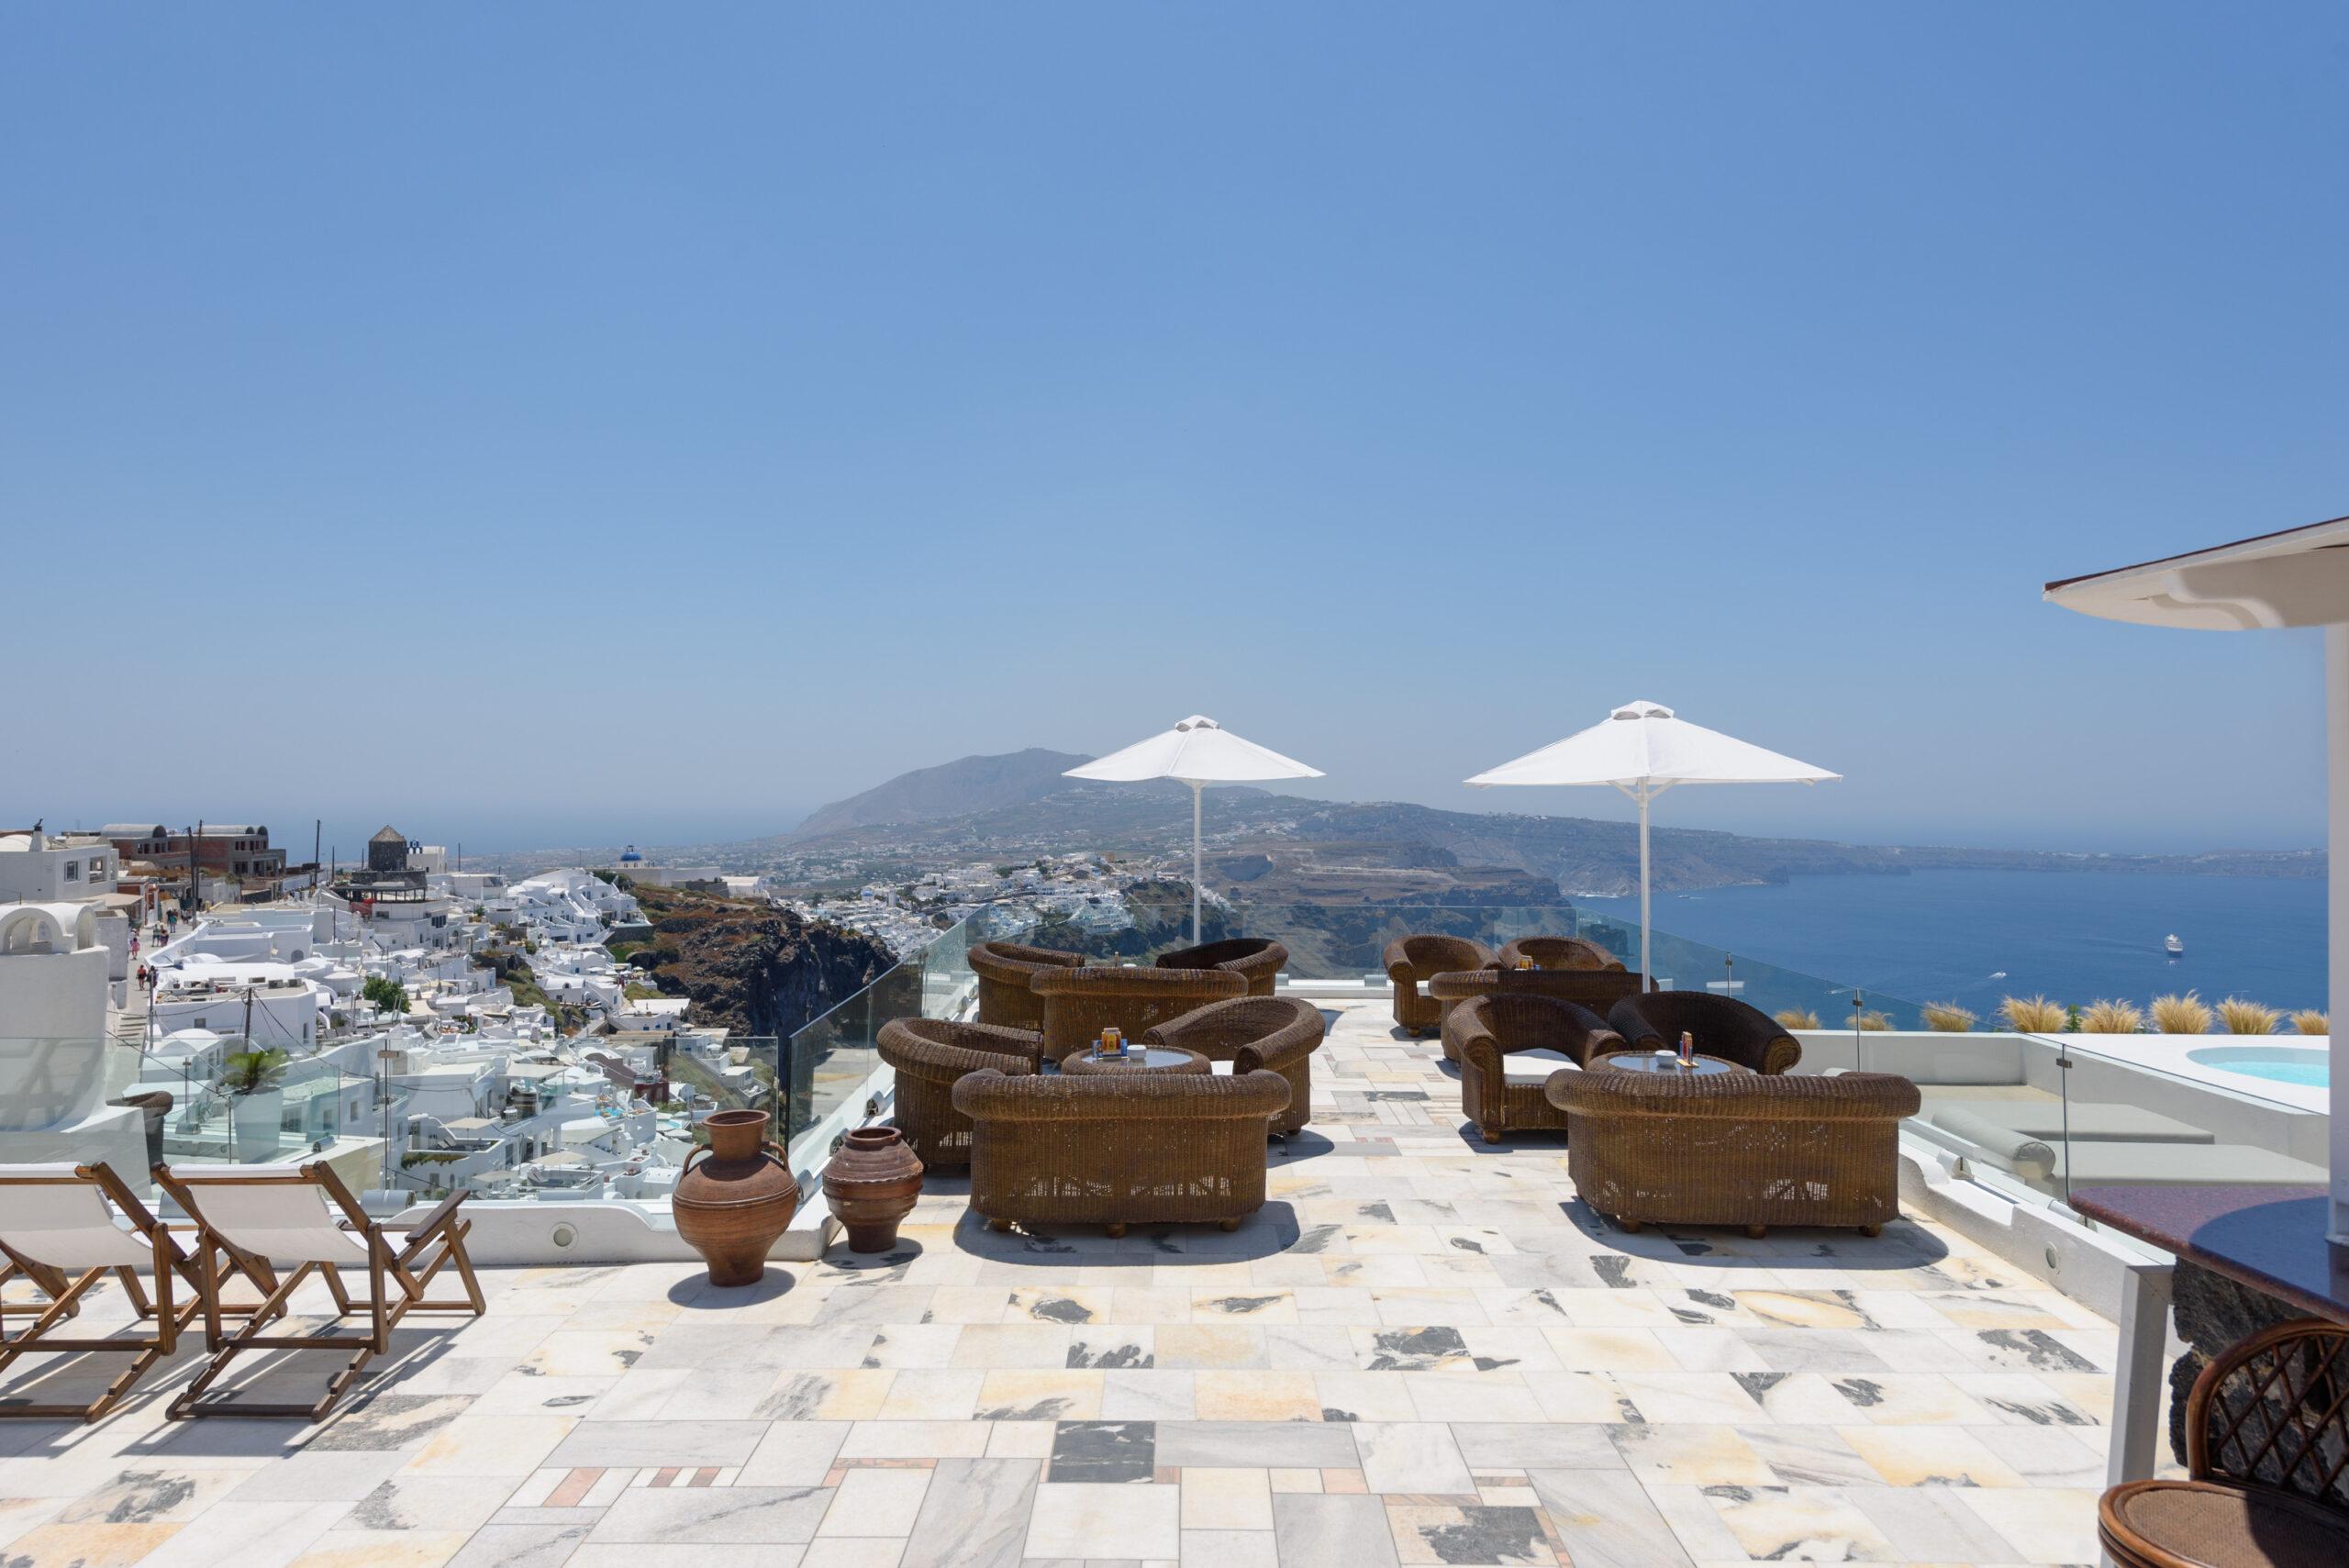 Kallisto Hotel in Imerovigli Village of Santorini island